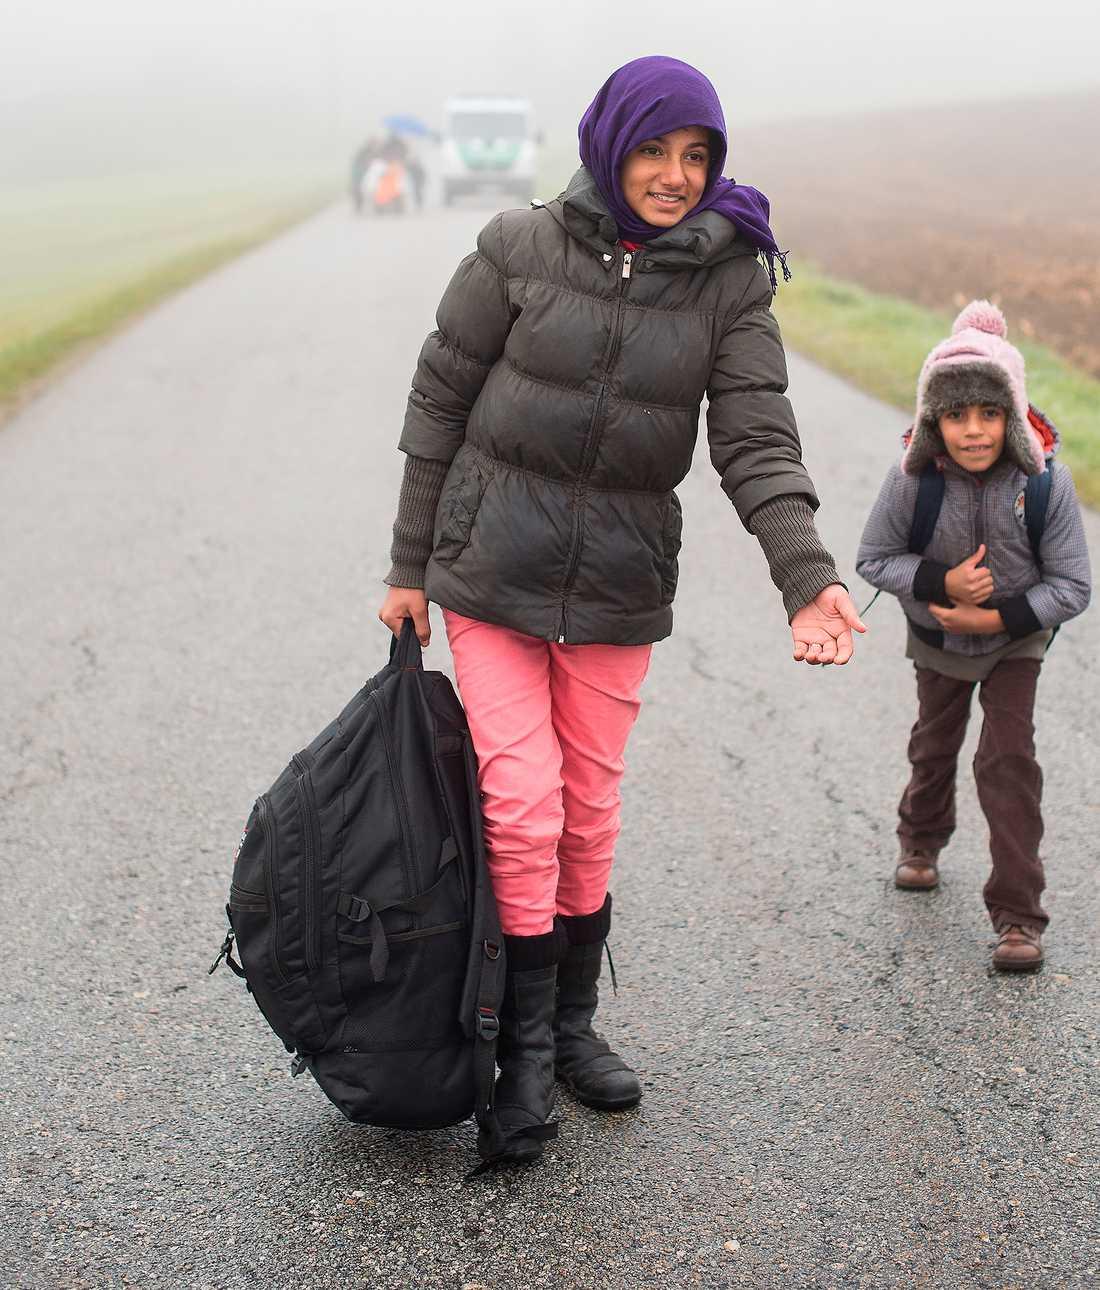 VAD BÖR SVERIGE GÖRA? Vi bör bygga kapacitet för att ta emot upp till 100000 asylsökande per år under de närmaste åren – och system för att se till att de som får stanna har bästa möjliga förutsättningar att komma in i det svenska samhället. Bilden visar flyktingar i Kollerschlag i Österrike, på väg mot Tyskland.